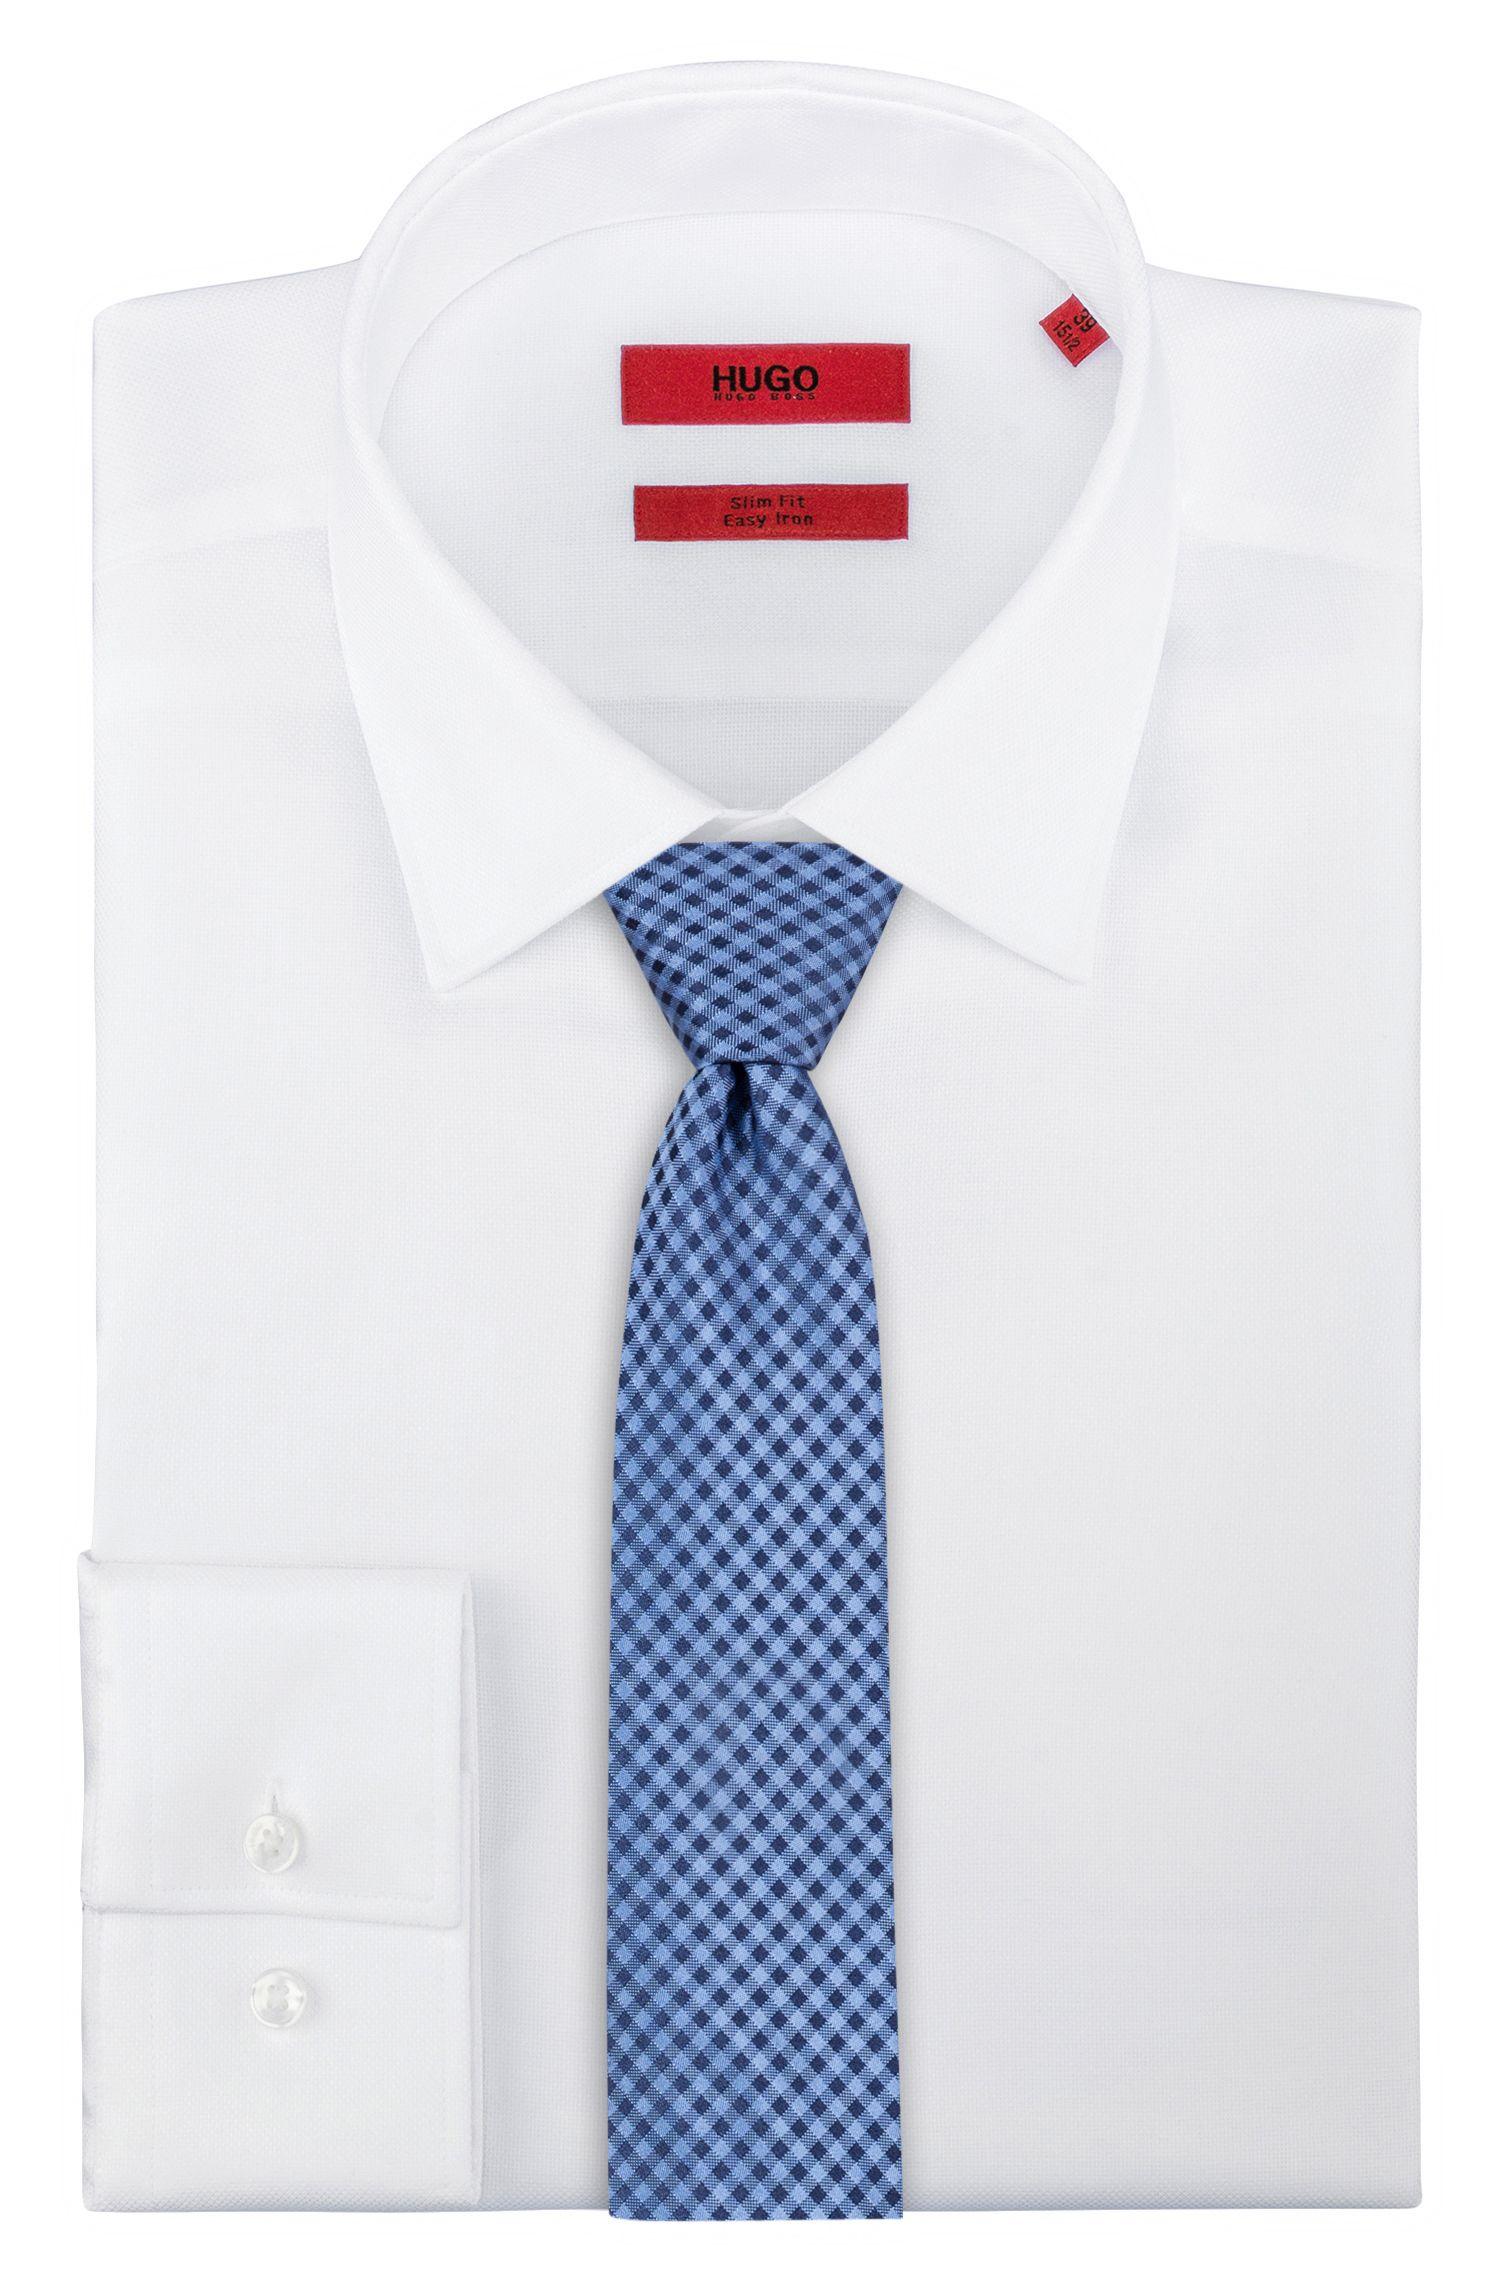 Cravate en jacquard de pure soie, à motif vichy, Fantaisie